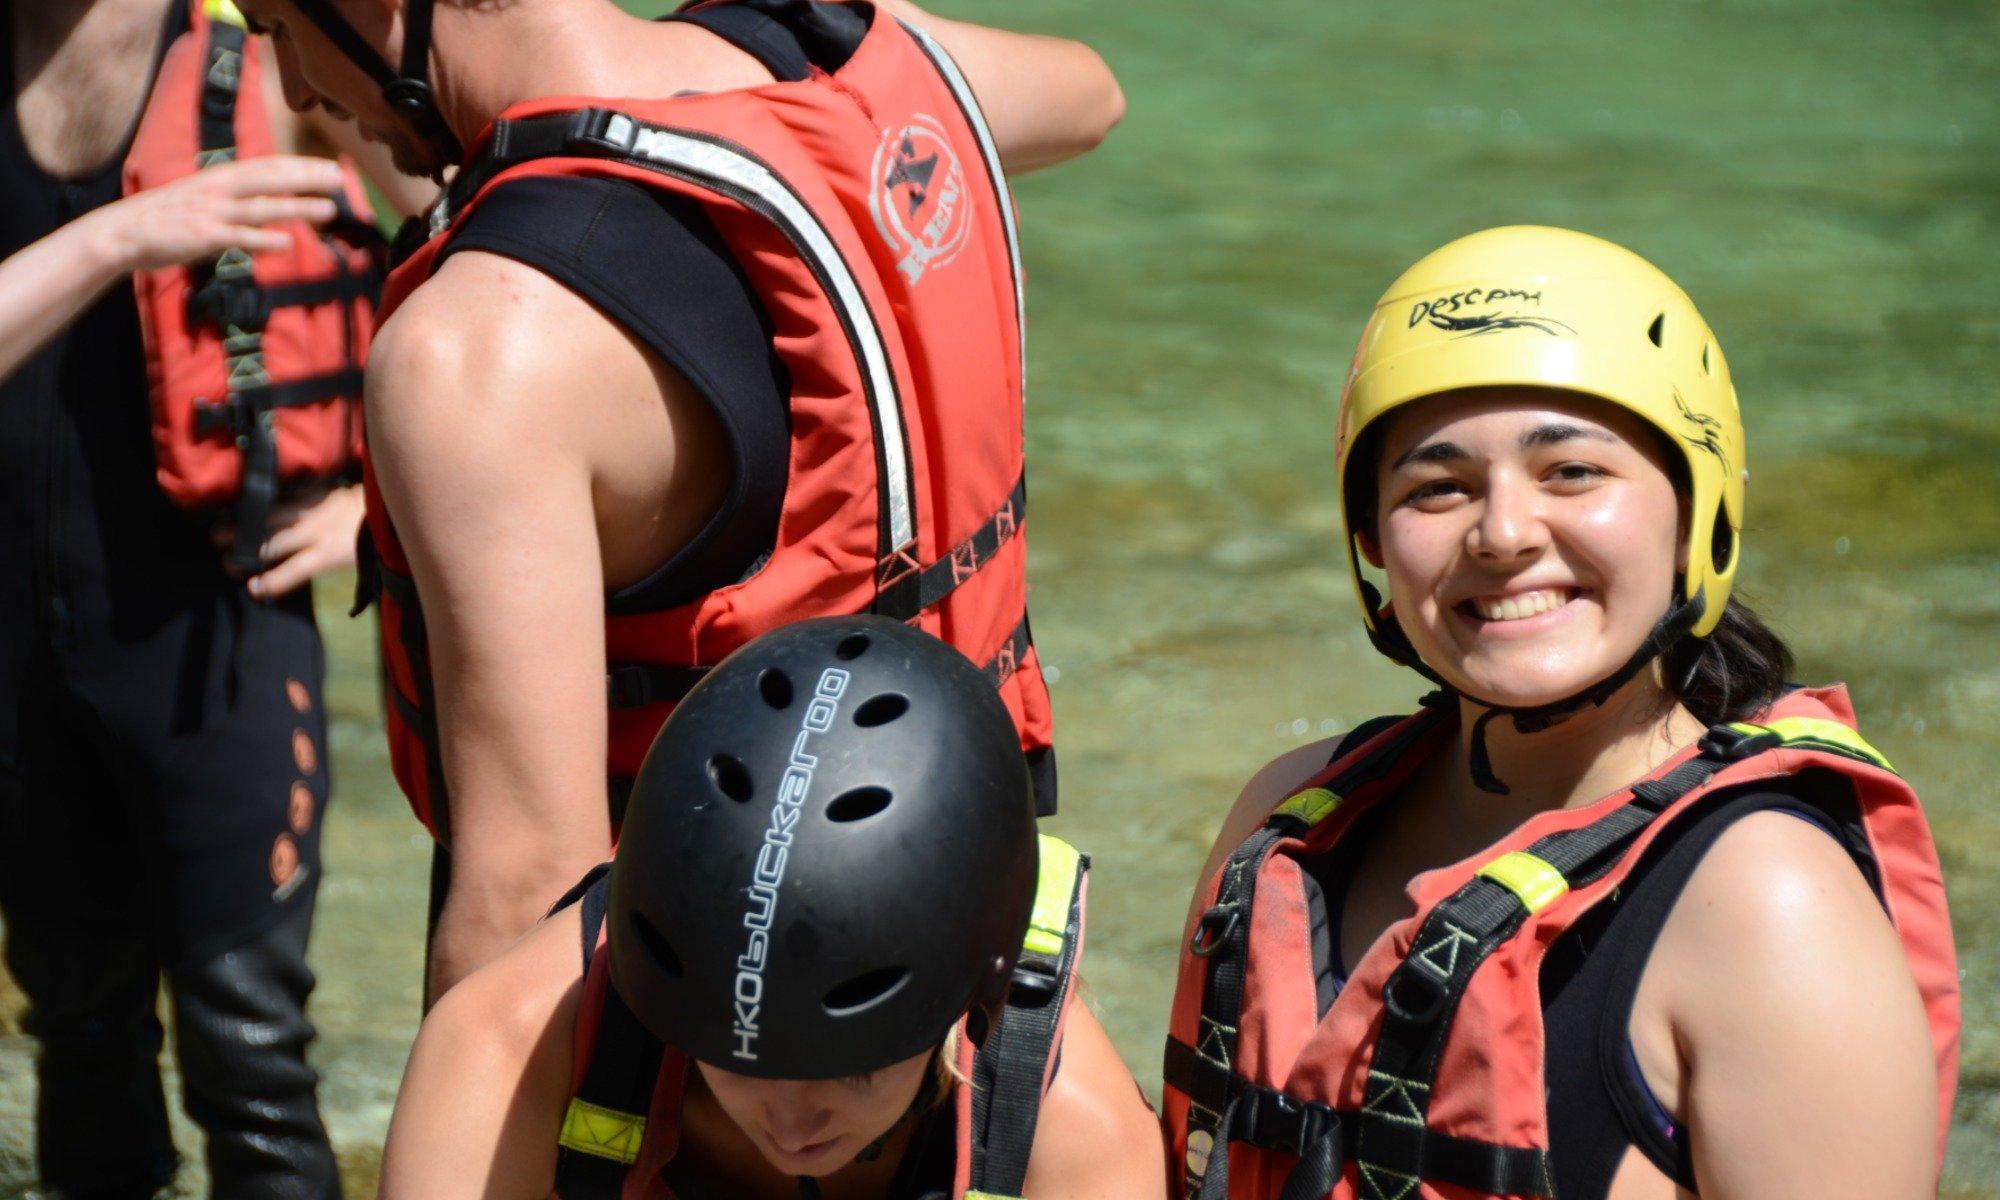 Mehrere Personen bereiten sich beim Rafting im Allgäu auf ihre Tour vor.